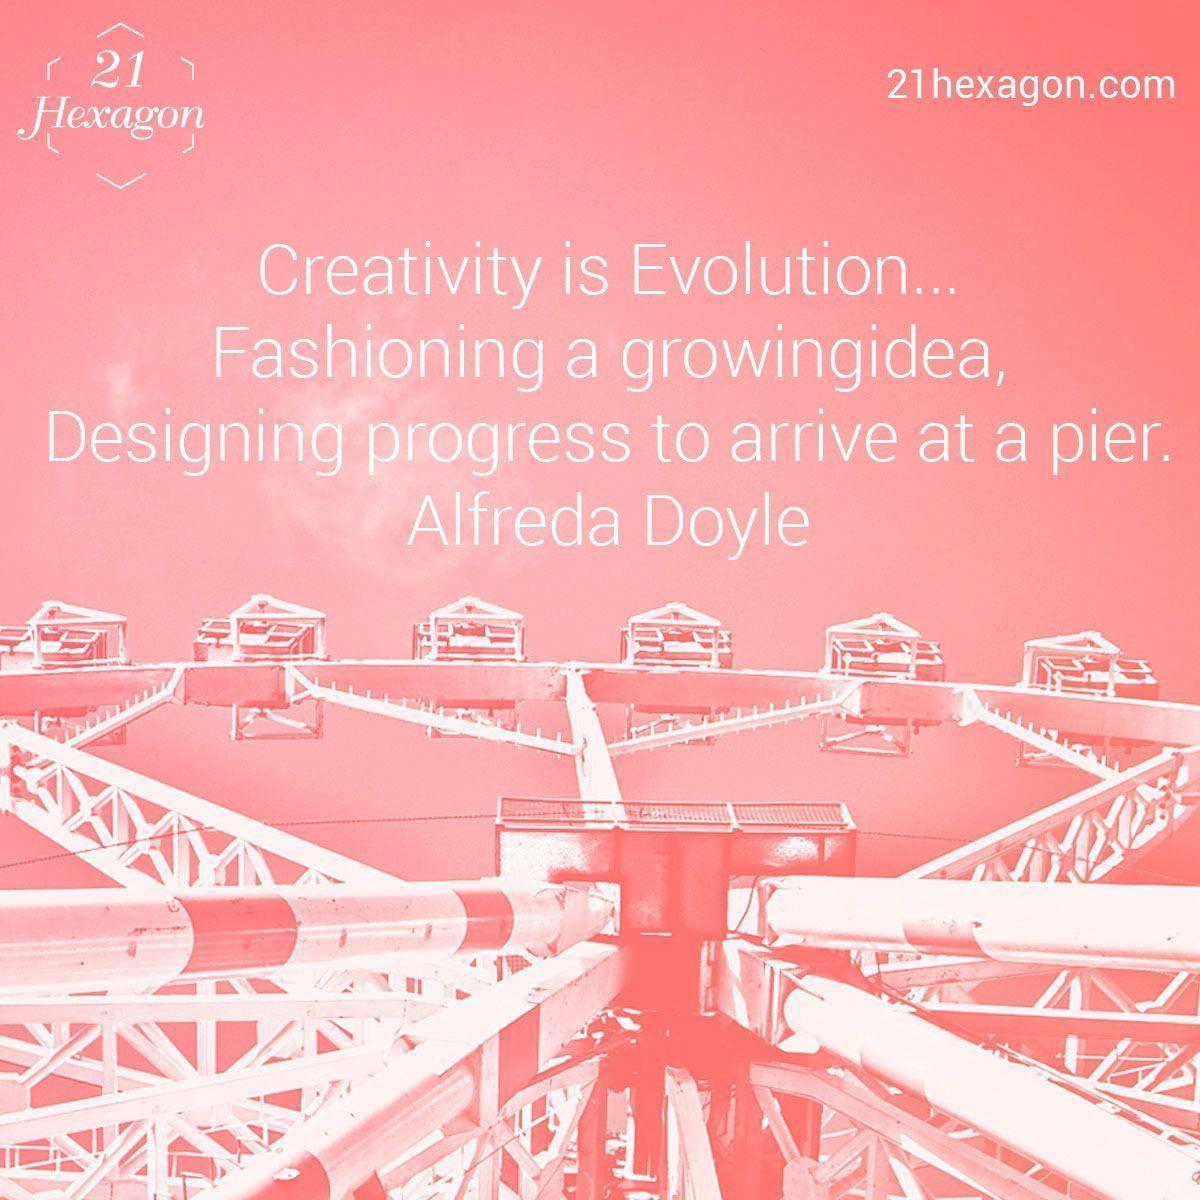 quotes_21hexagon_8.jpg